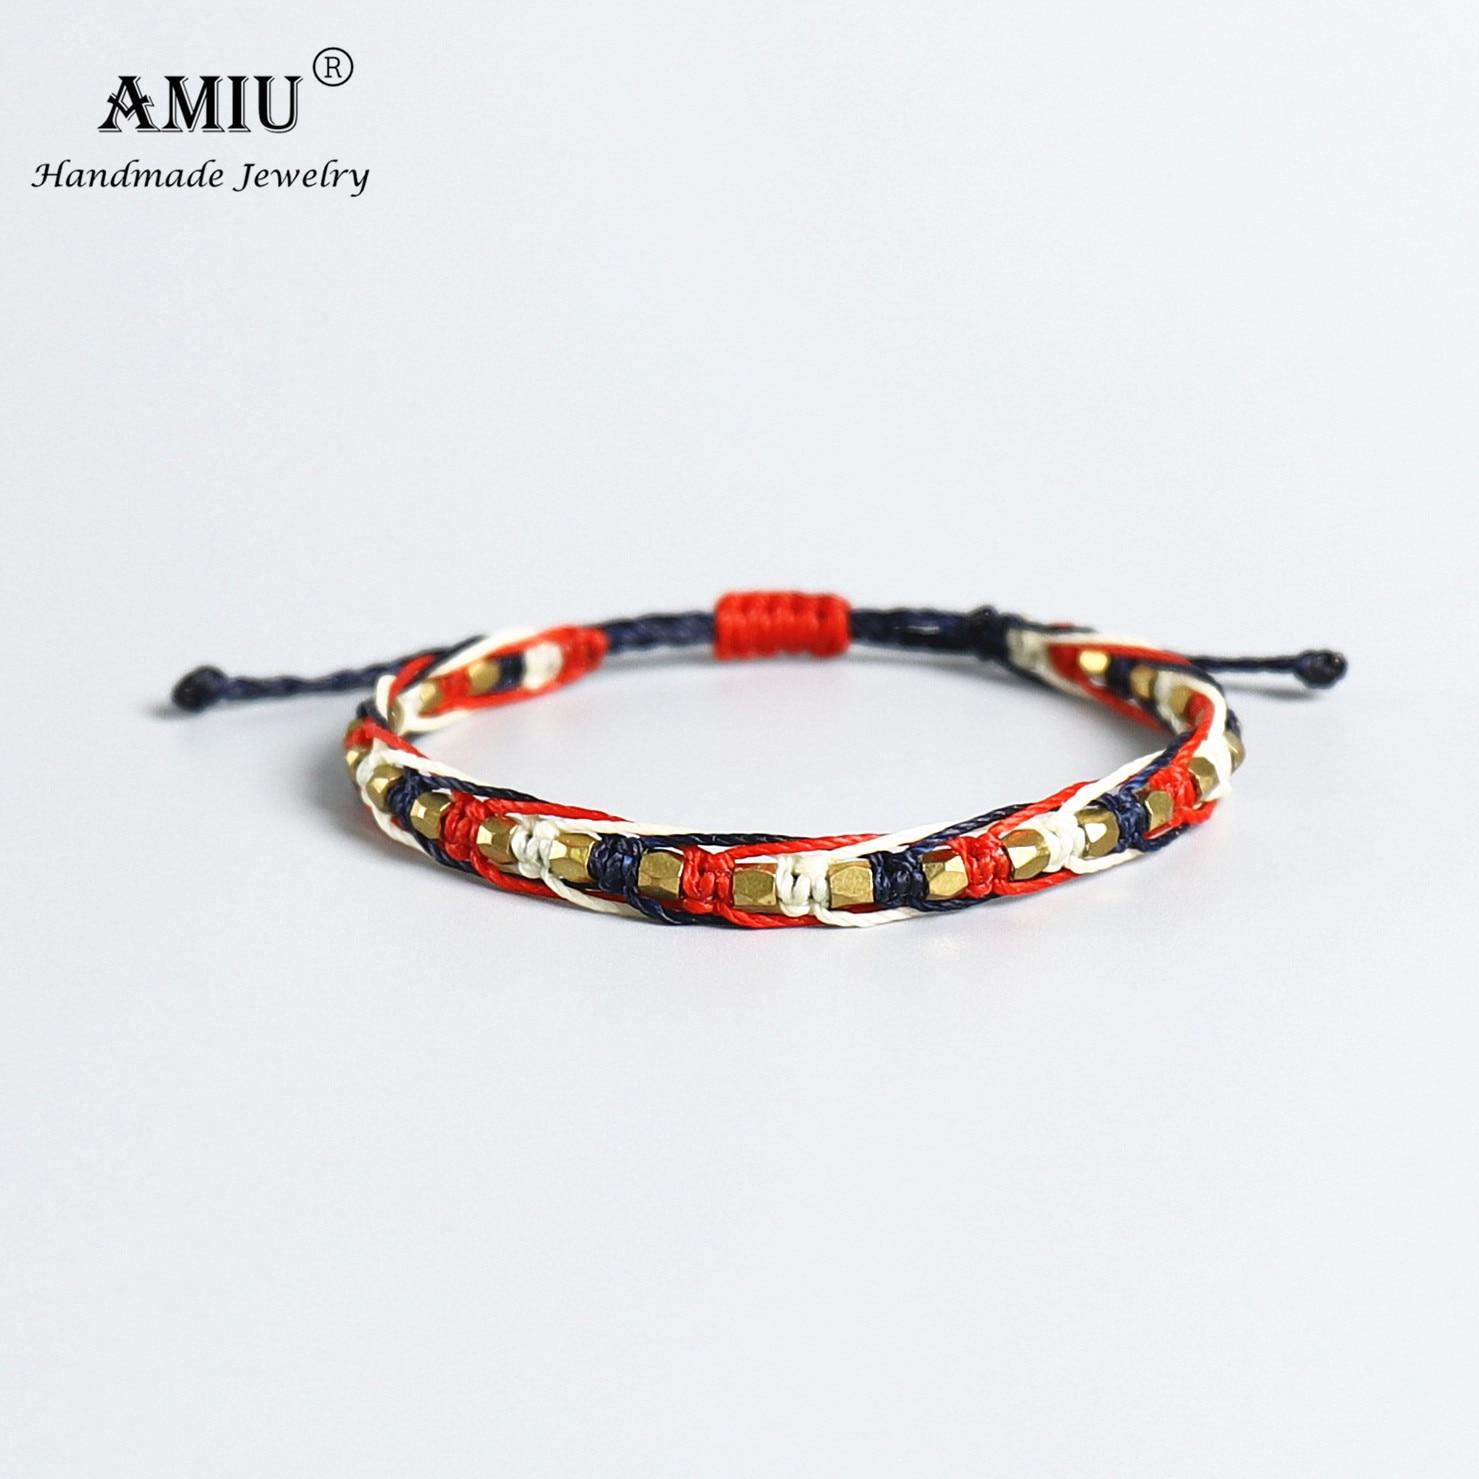 AMIU Handmade Copper Bead Waterproof Wax Thread Lucky Rope Macrame Bracelet & Bangles For Women Men Friendship Woven Bracelets